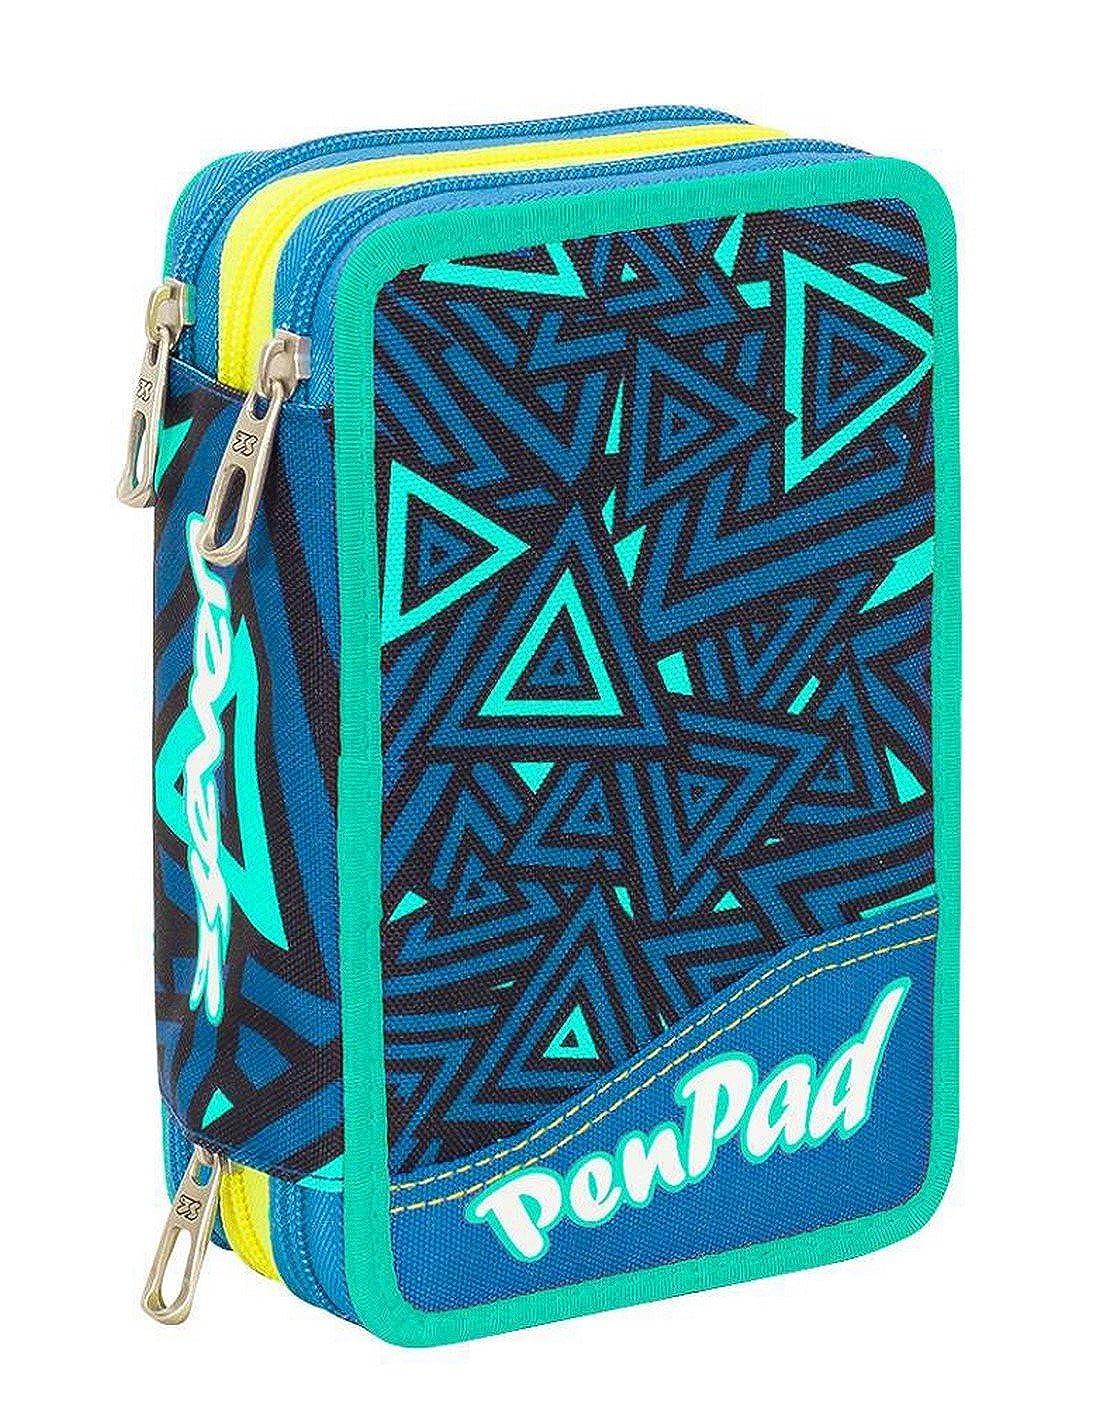 Blue School Pencil Case SEVEN 3 Zip SHIFTY BOY erasable pen felt tips eraser ecc